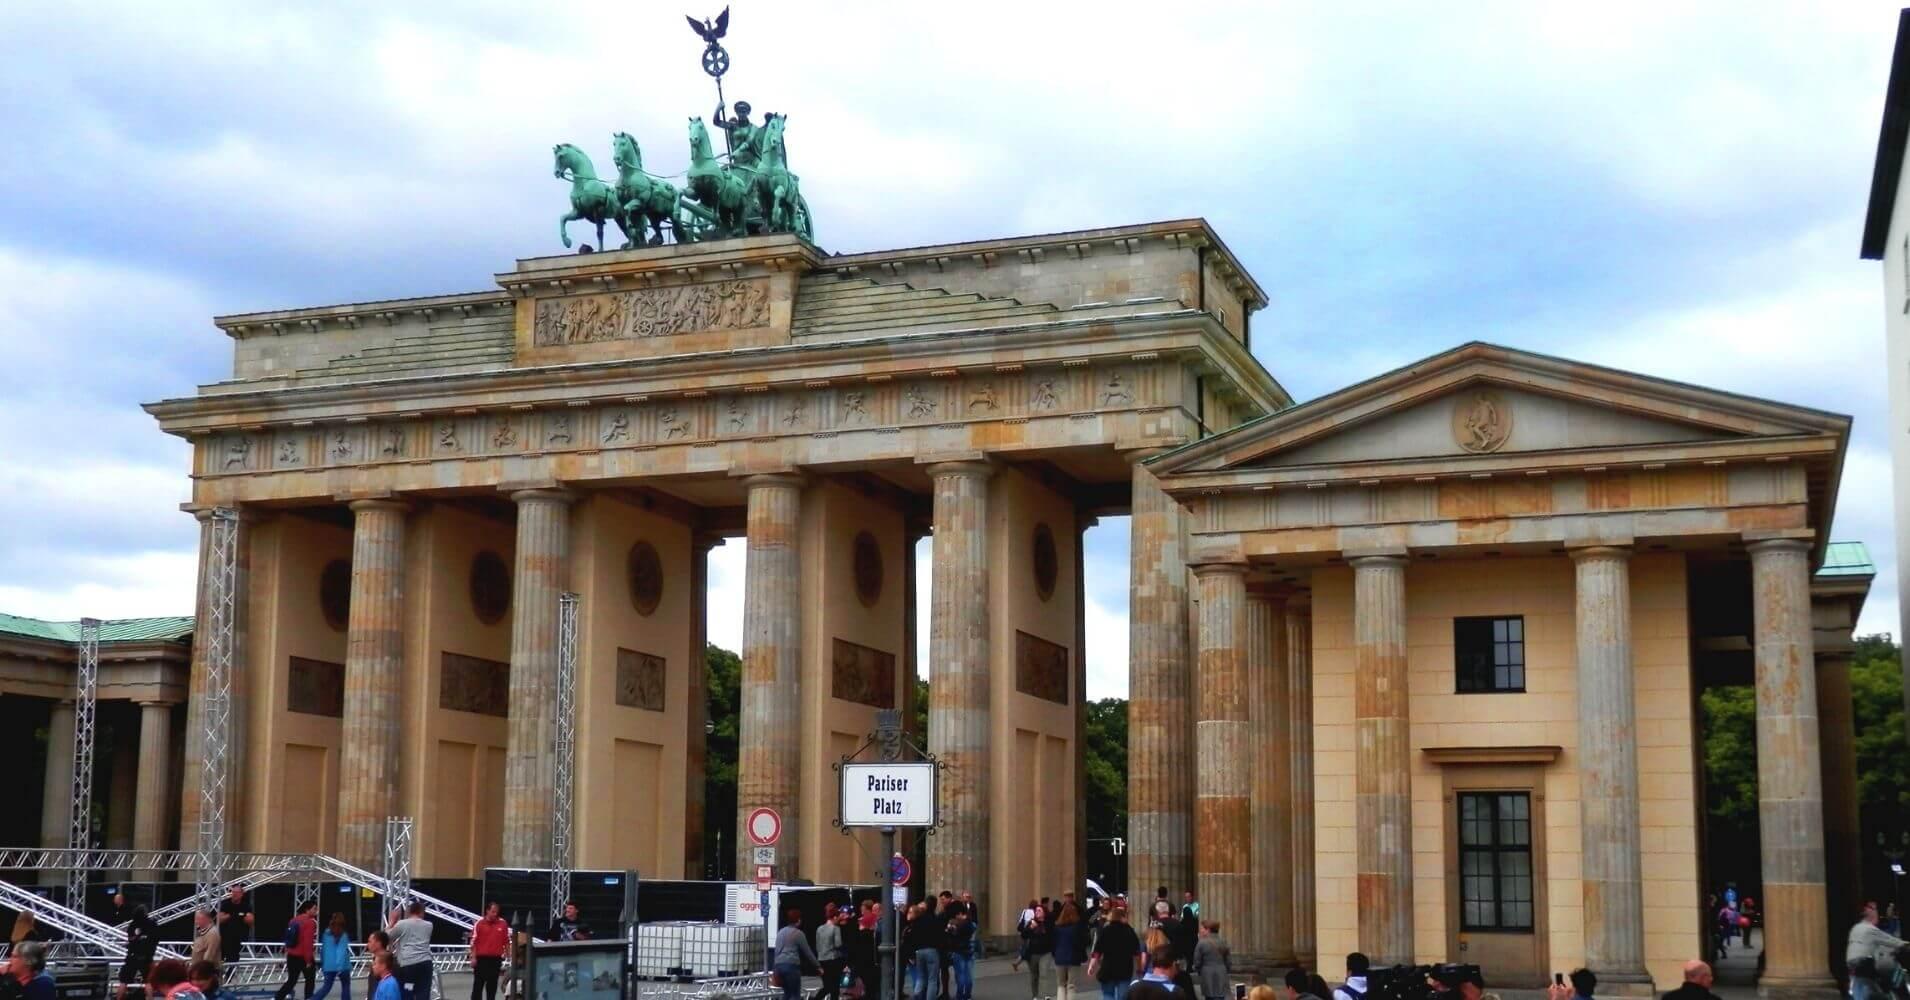 Puerta Branderburgo. Berlín. Alemania.